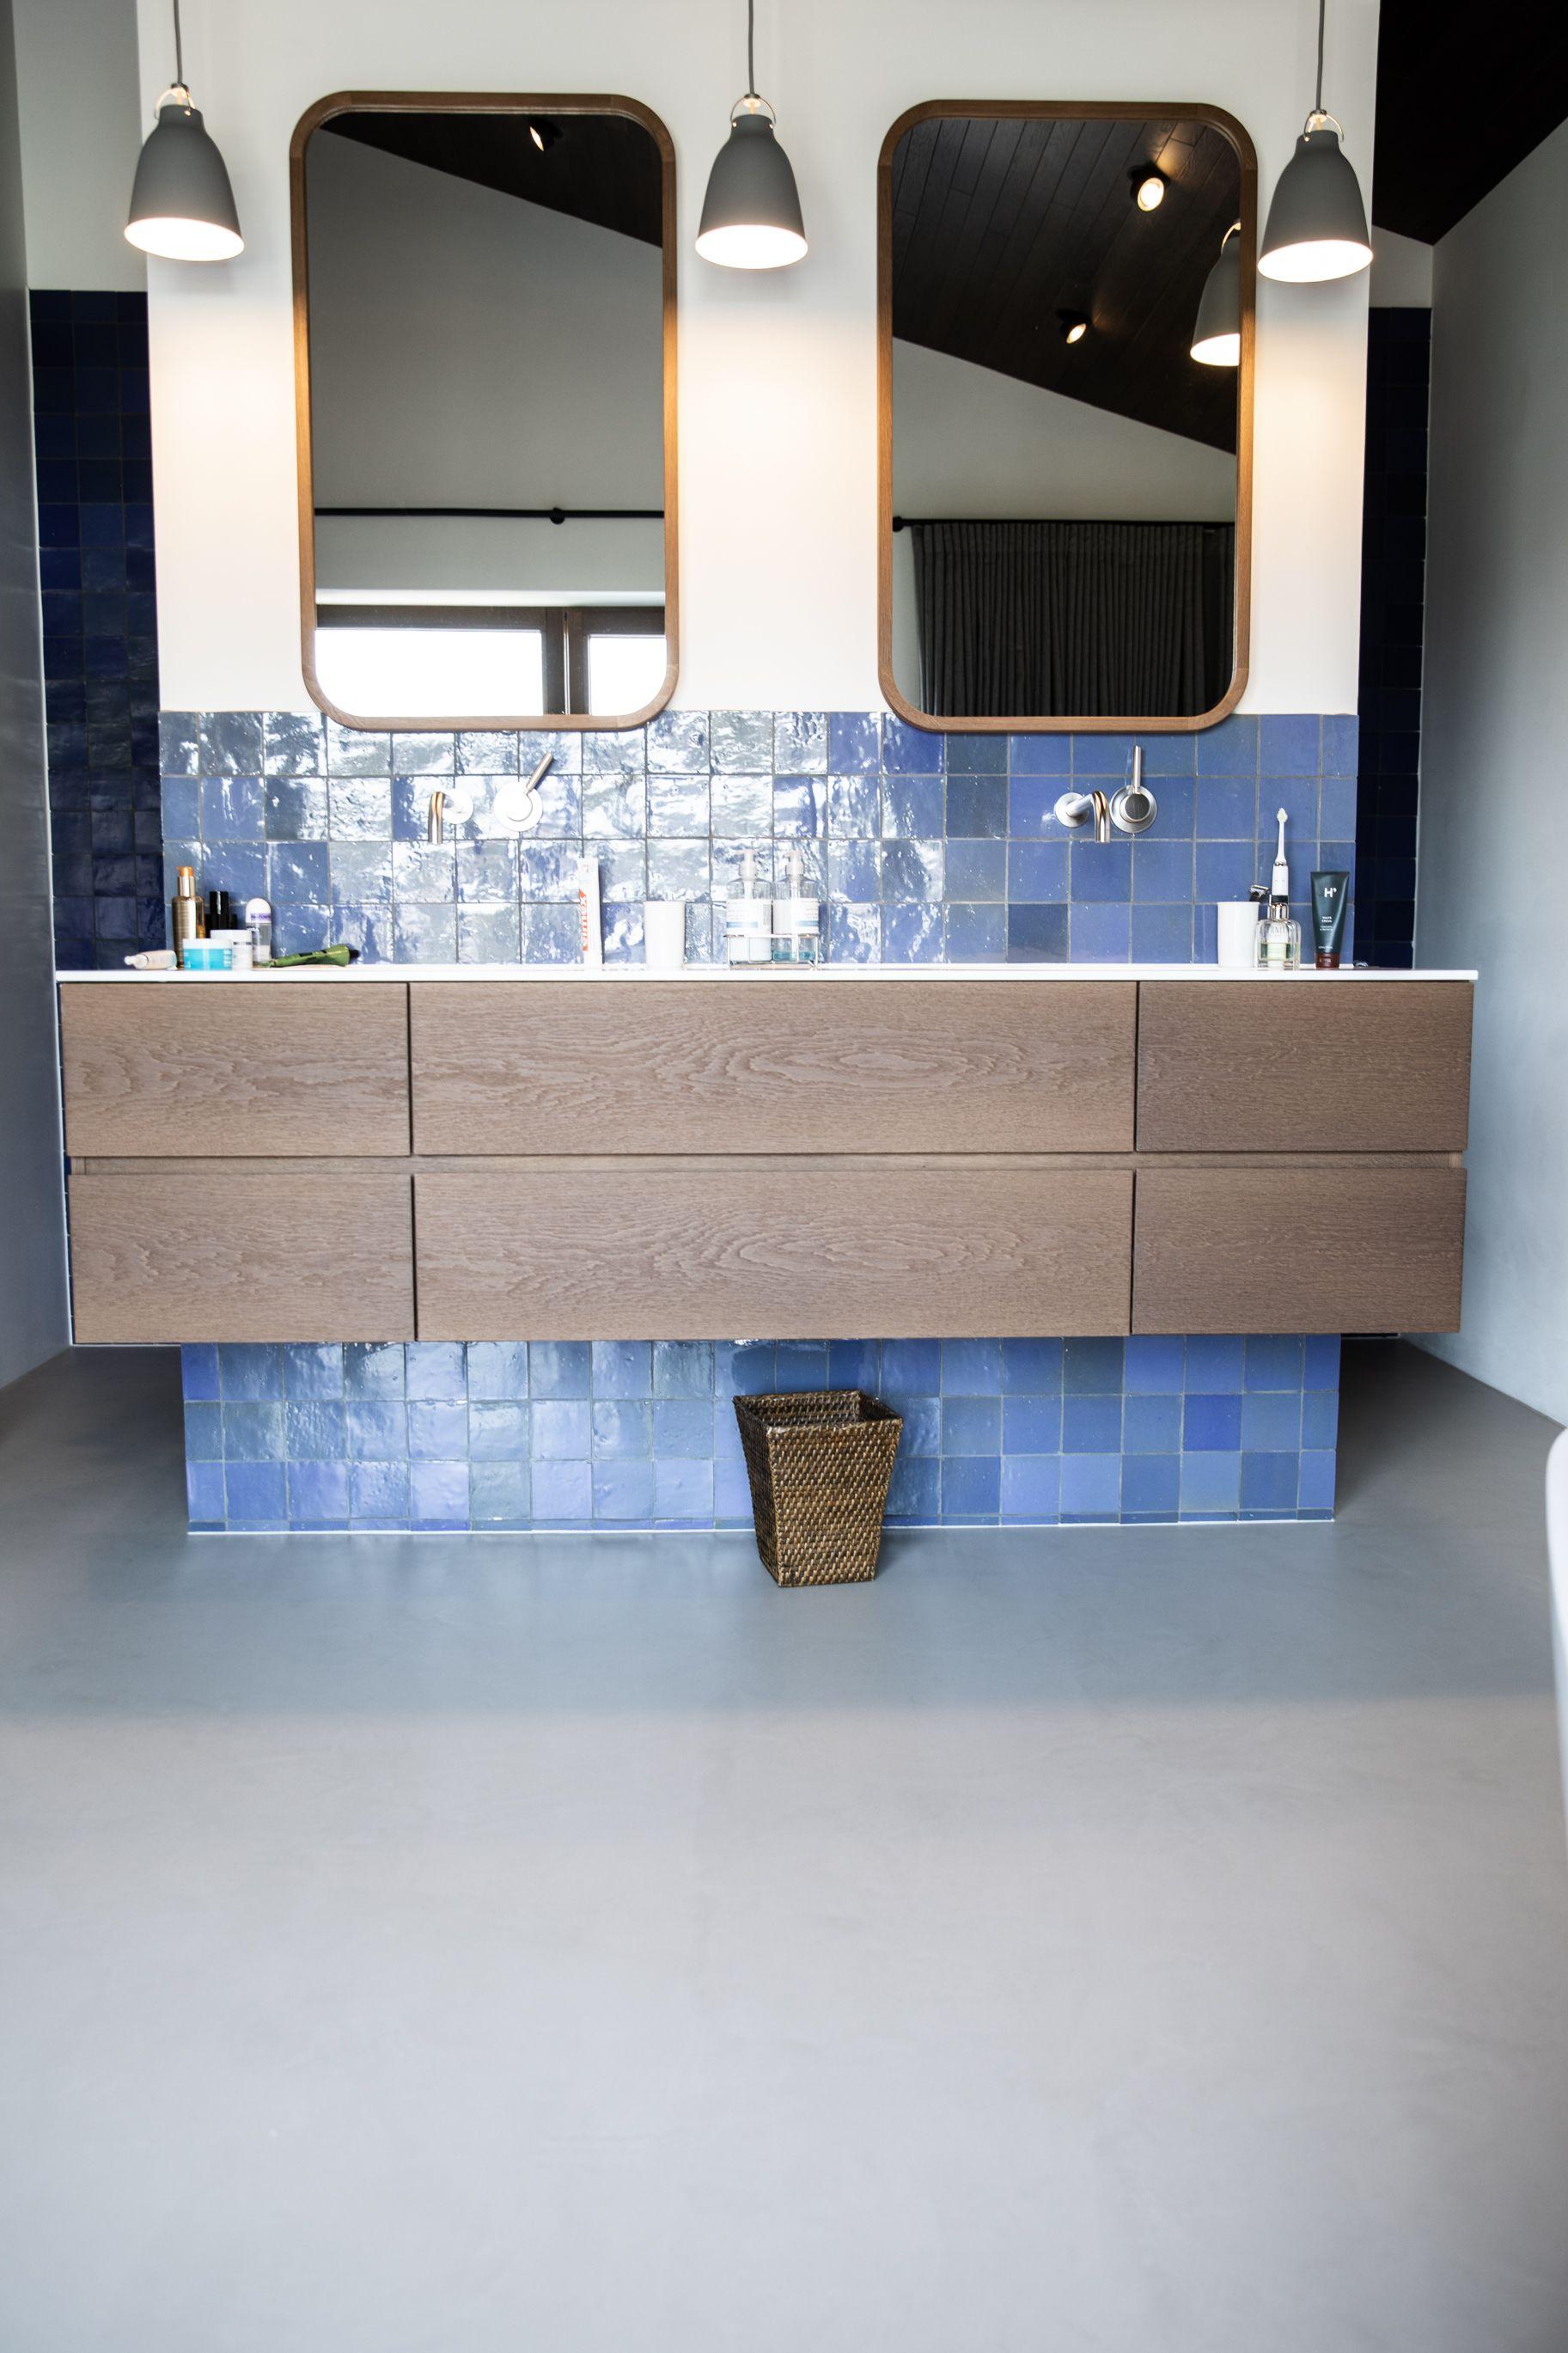 Hd Surface Badezimmer Sichtestrich Haus Bauen